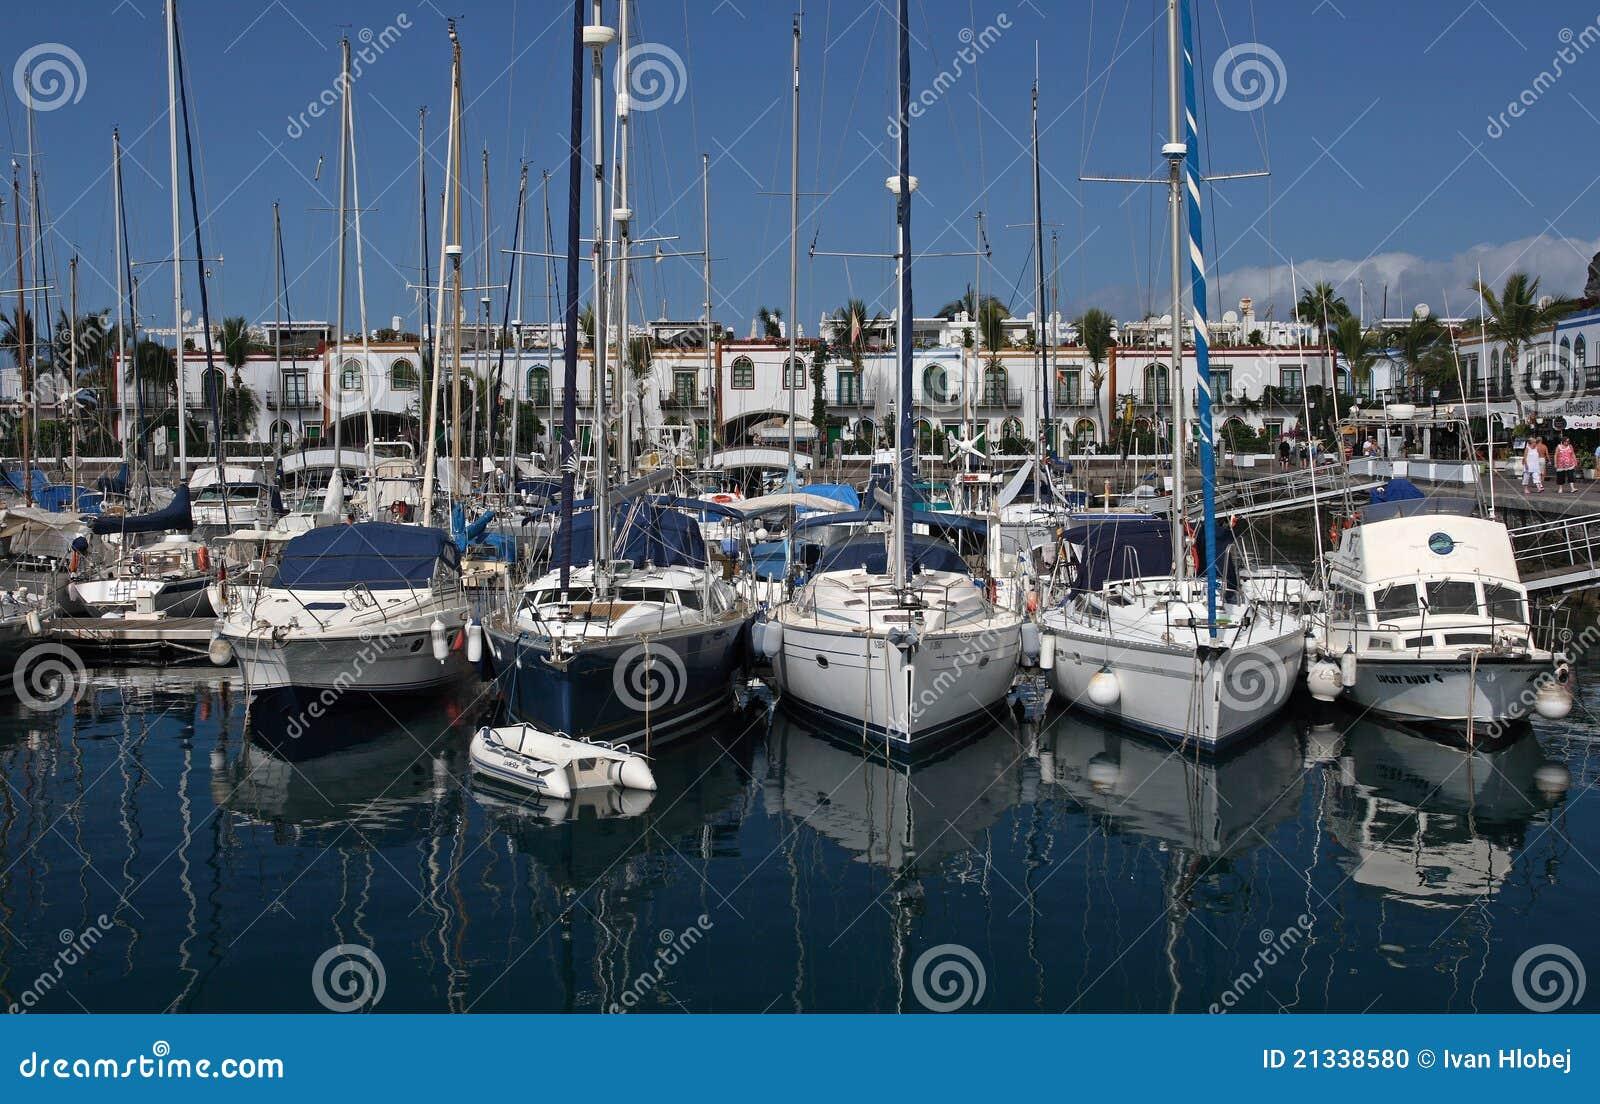 Puerto de mogan editorial image image 21338580 - Marina apartments puerto de mogan ...